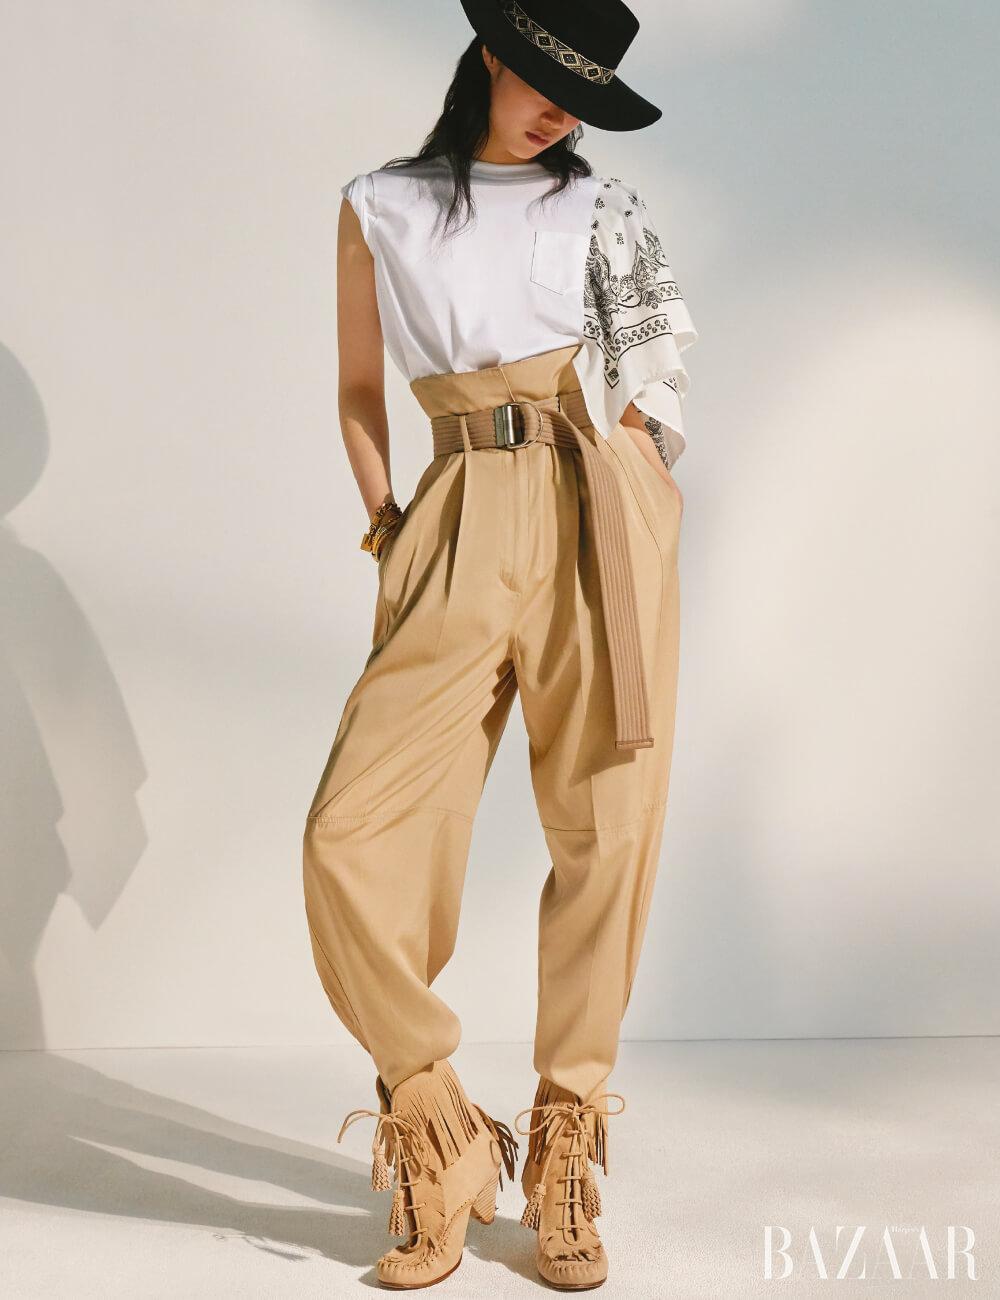 콤배트 팬츠는 가격 미정 Givenchy, 보터햇은 7만8천원 H&M, (위부터) 체인 팔찌는 가격 미정 Dior, 스톤 장식 팔찌는 42만원, 볼드한 커프는 45만원 모두 Jem & Pebbles, 골드 커프는 16만5천원 Trois Rois, 부츠는 85만원 Coach 1941.티셔츠는 59만원 Sacai.